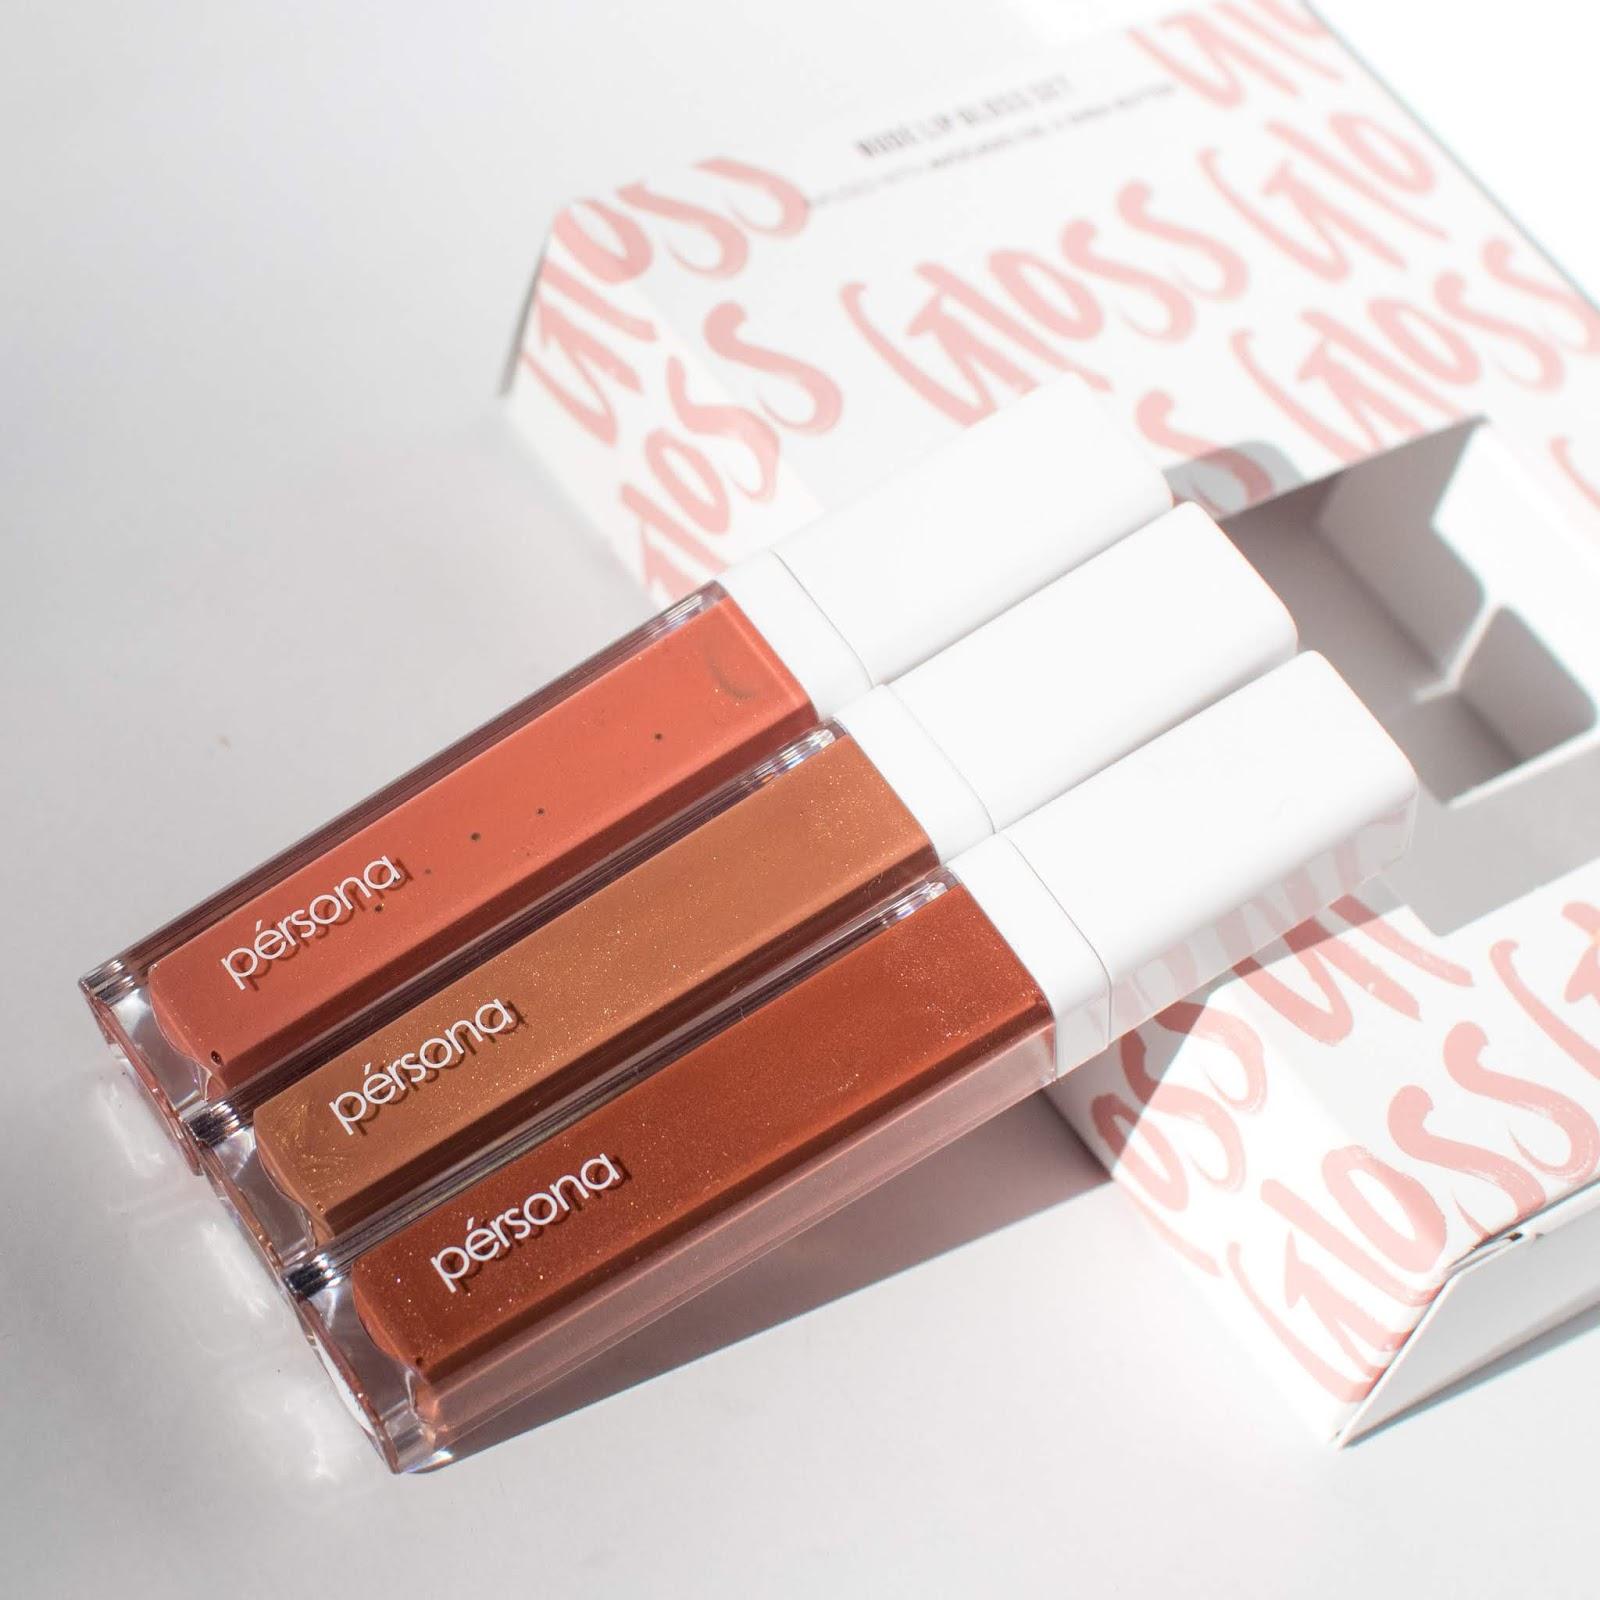 Persona Cosmetics Season One Lip Glosses